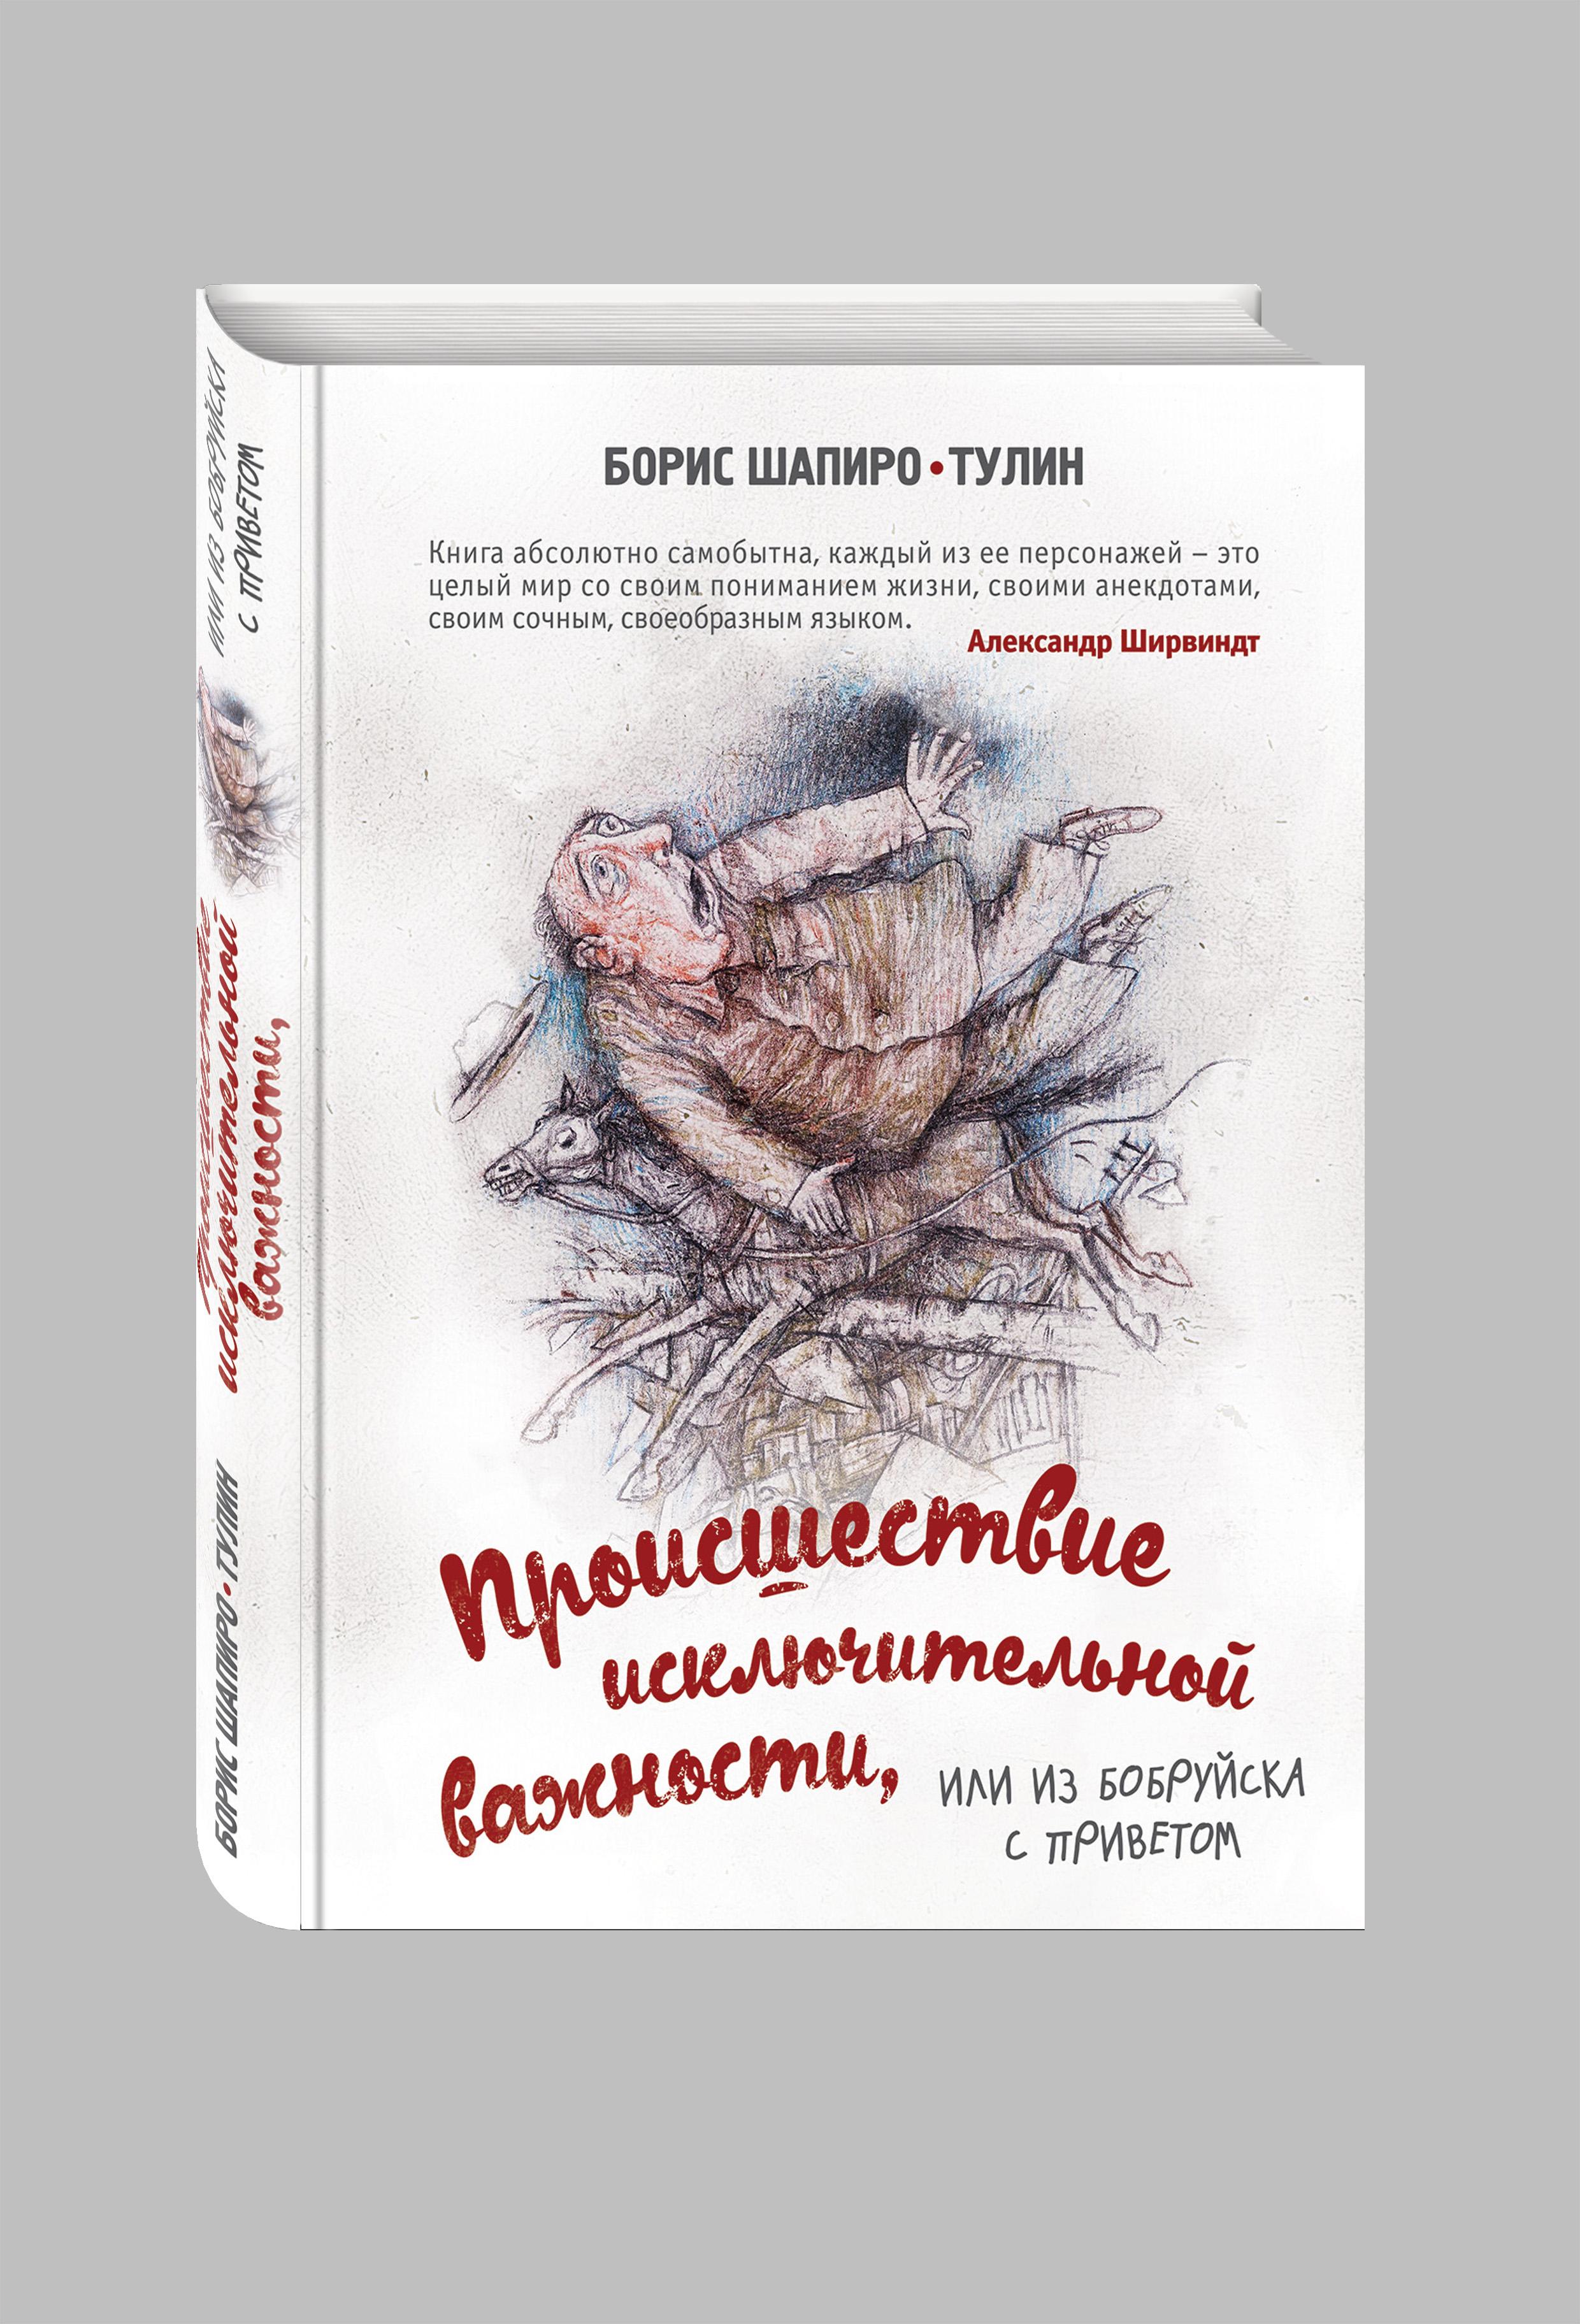 Фото Борис Шапиро-Тулин Происшествие исключительной важности, или из Бобруйска с приветом